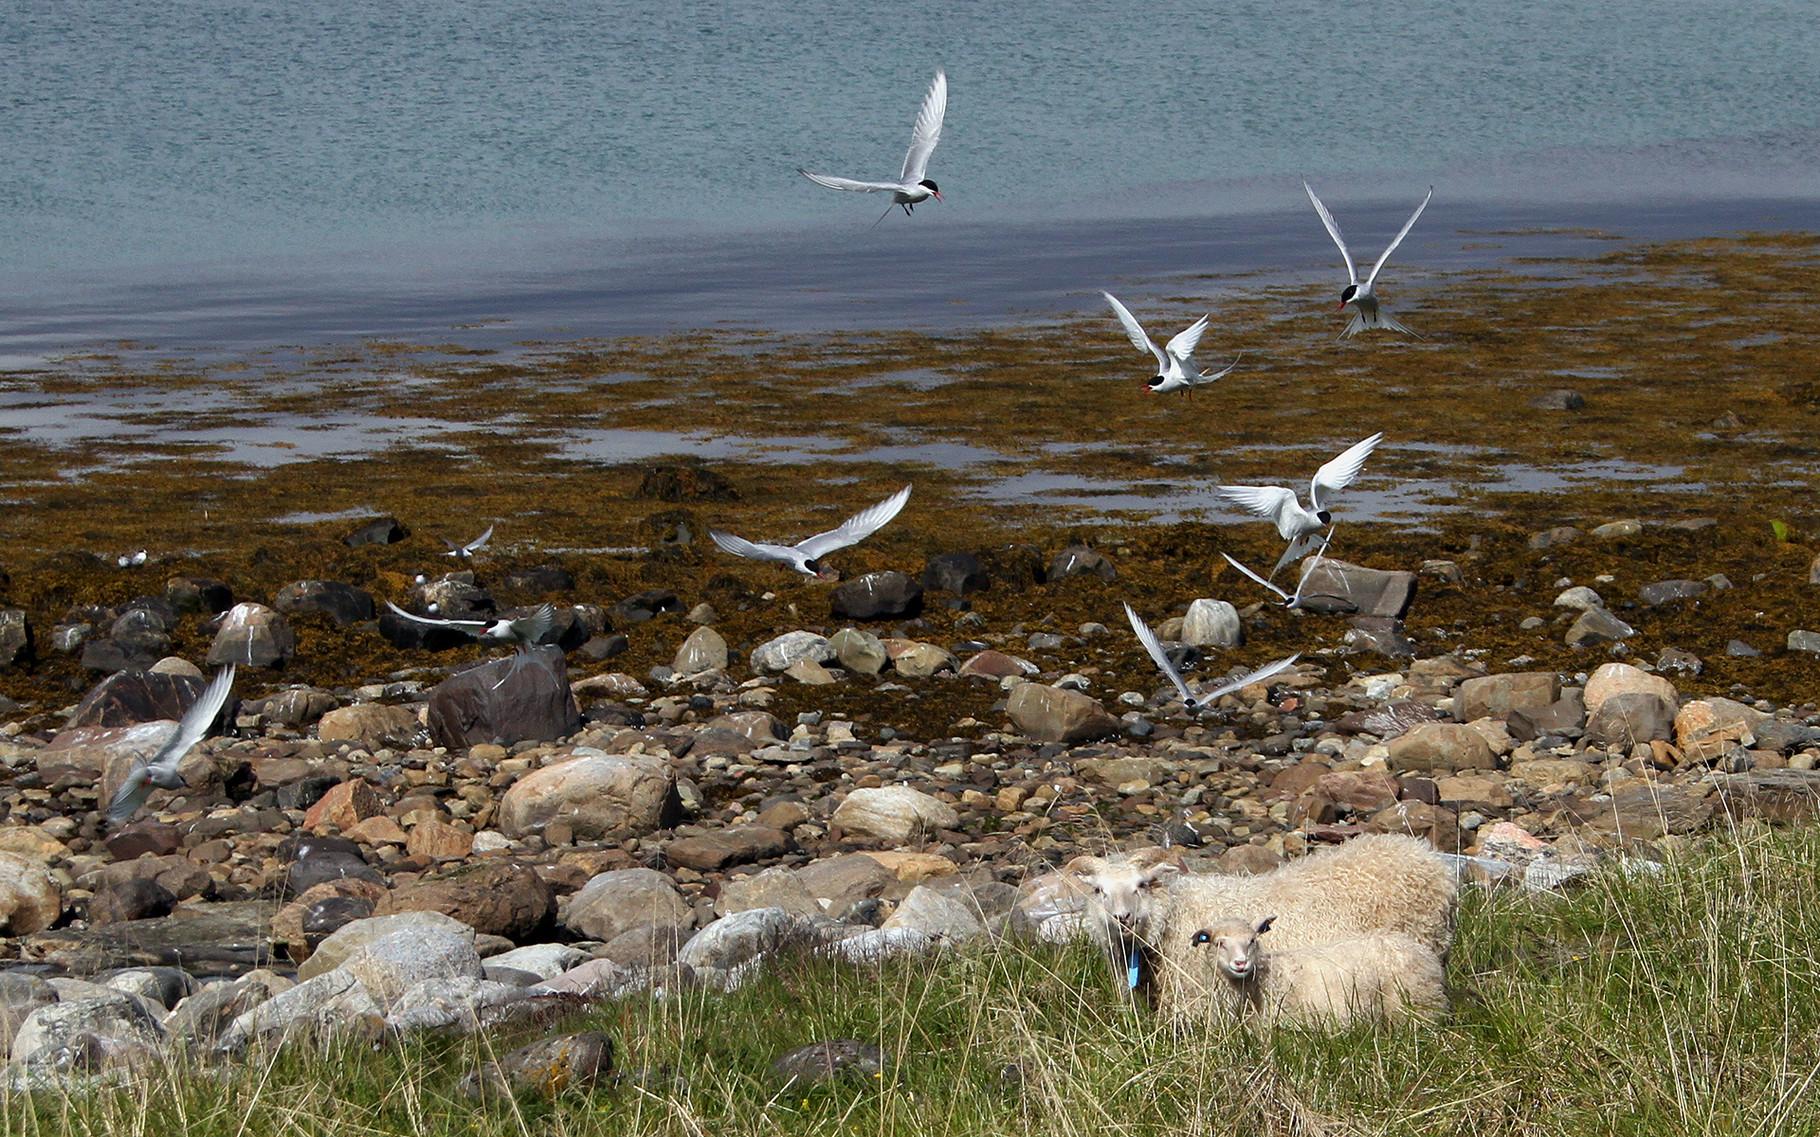 Ein paar Schafe bringen etwas Unruhe, als sie mitten im Brutgebiet der Küstenseeschwalben weiden